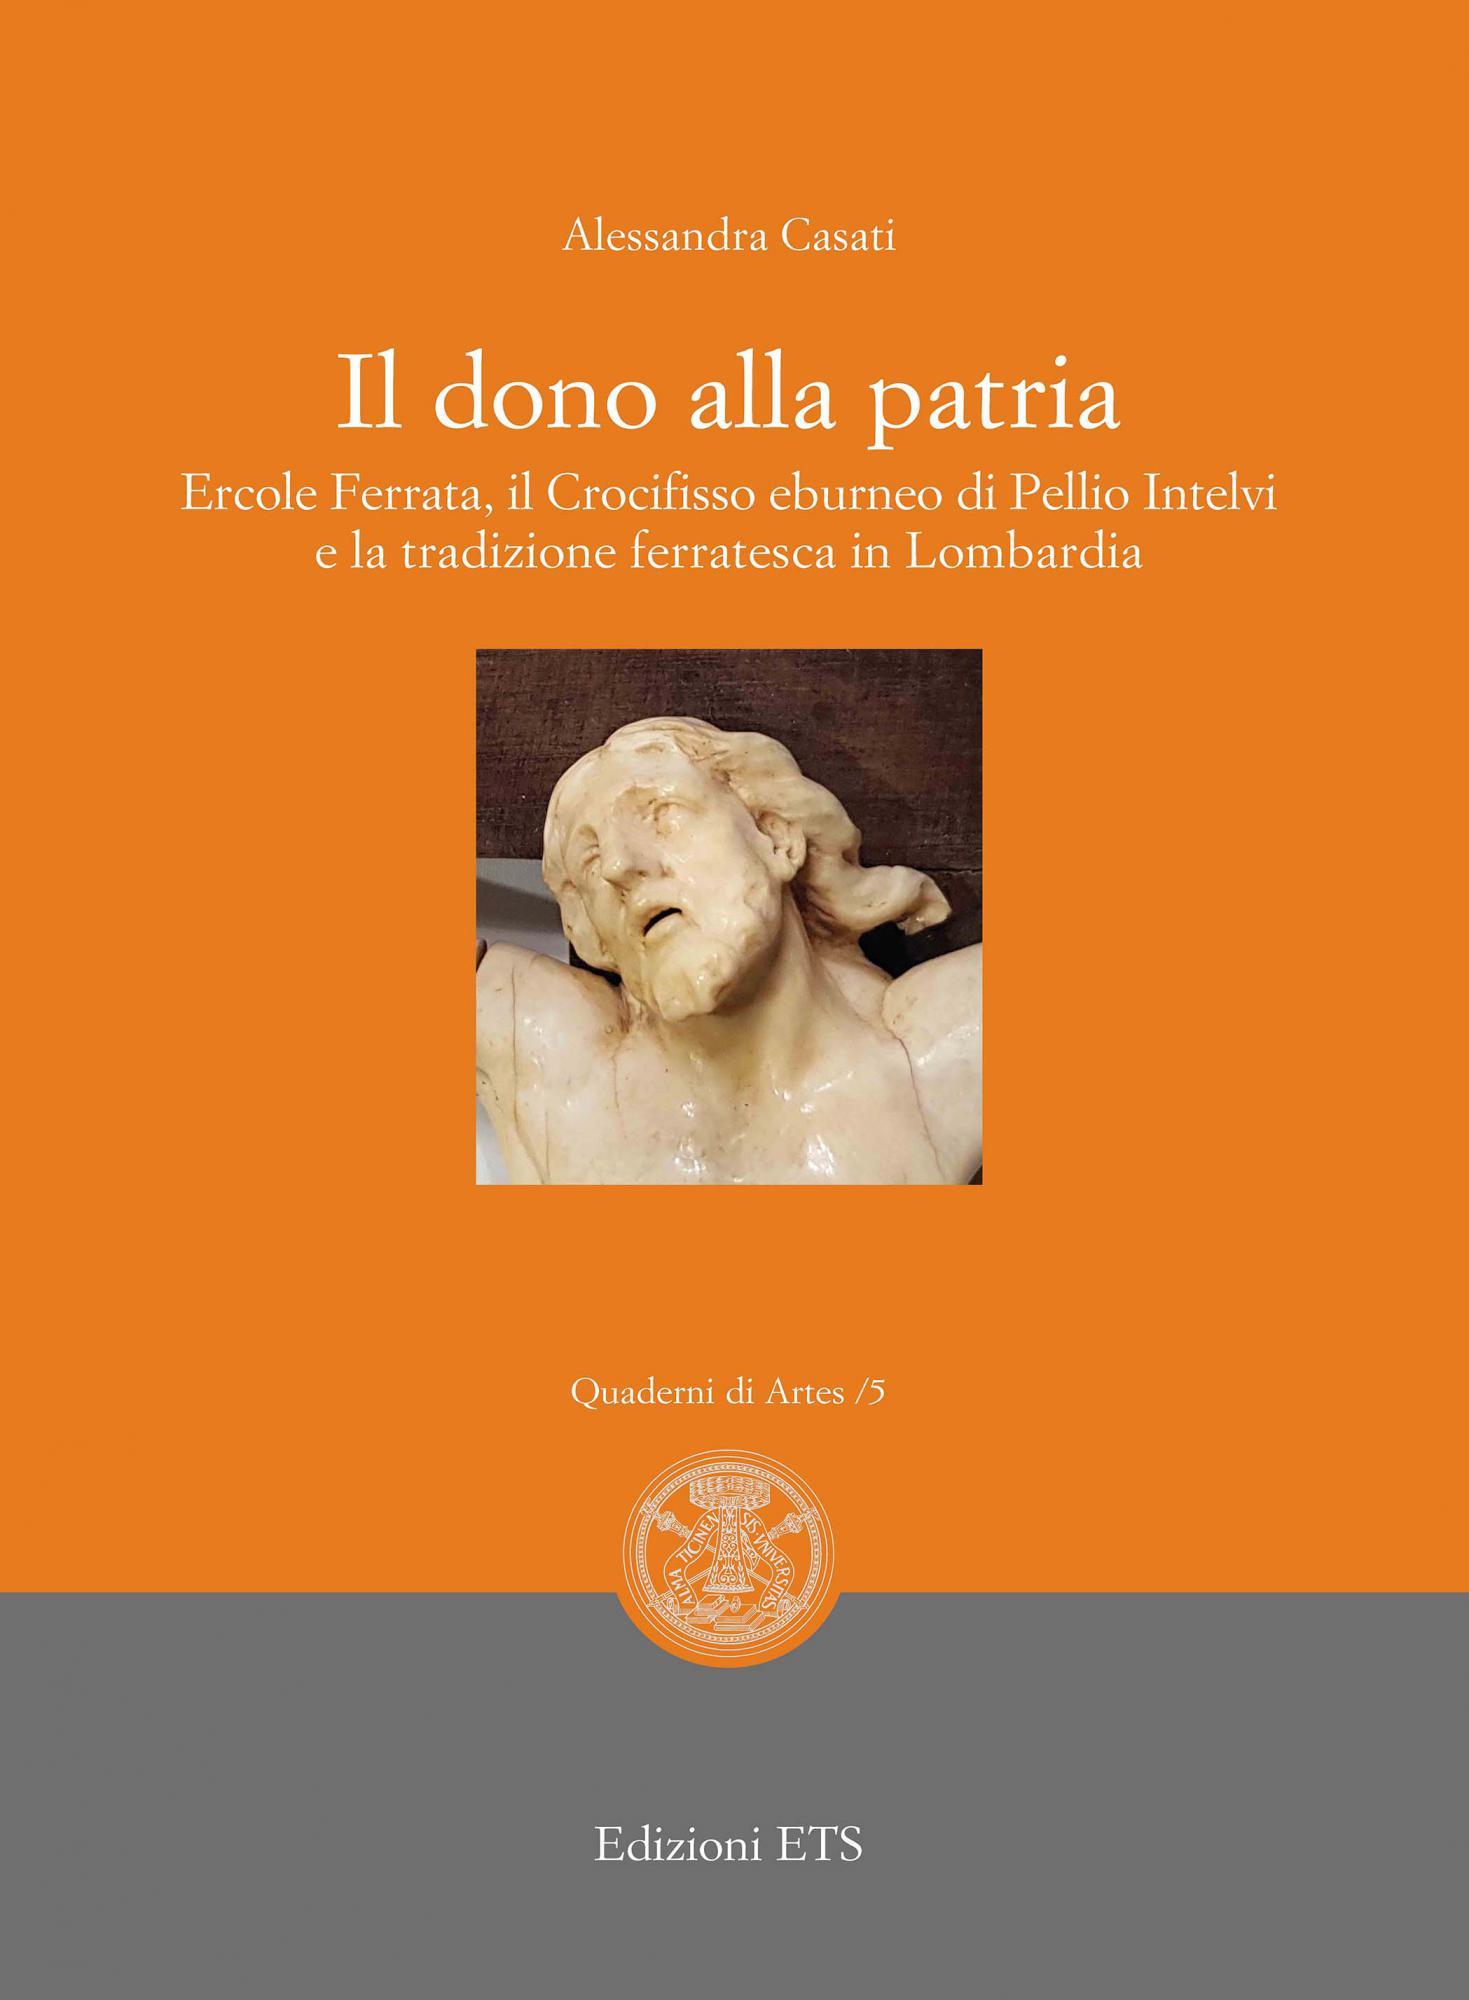 Il dono alla patria<br /><br /><br />.Ercole Ferrata, il Crocifisso eburneo di Pellio Intelvi e la tradizione ferratesca in Lombardia